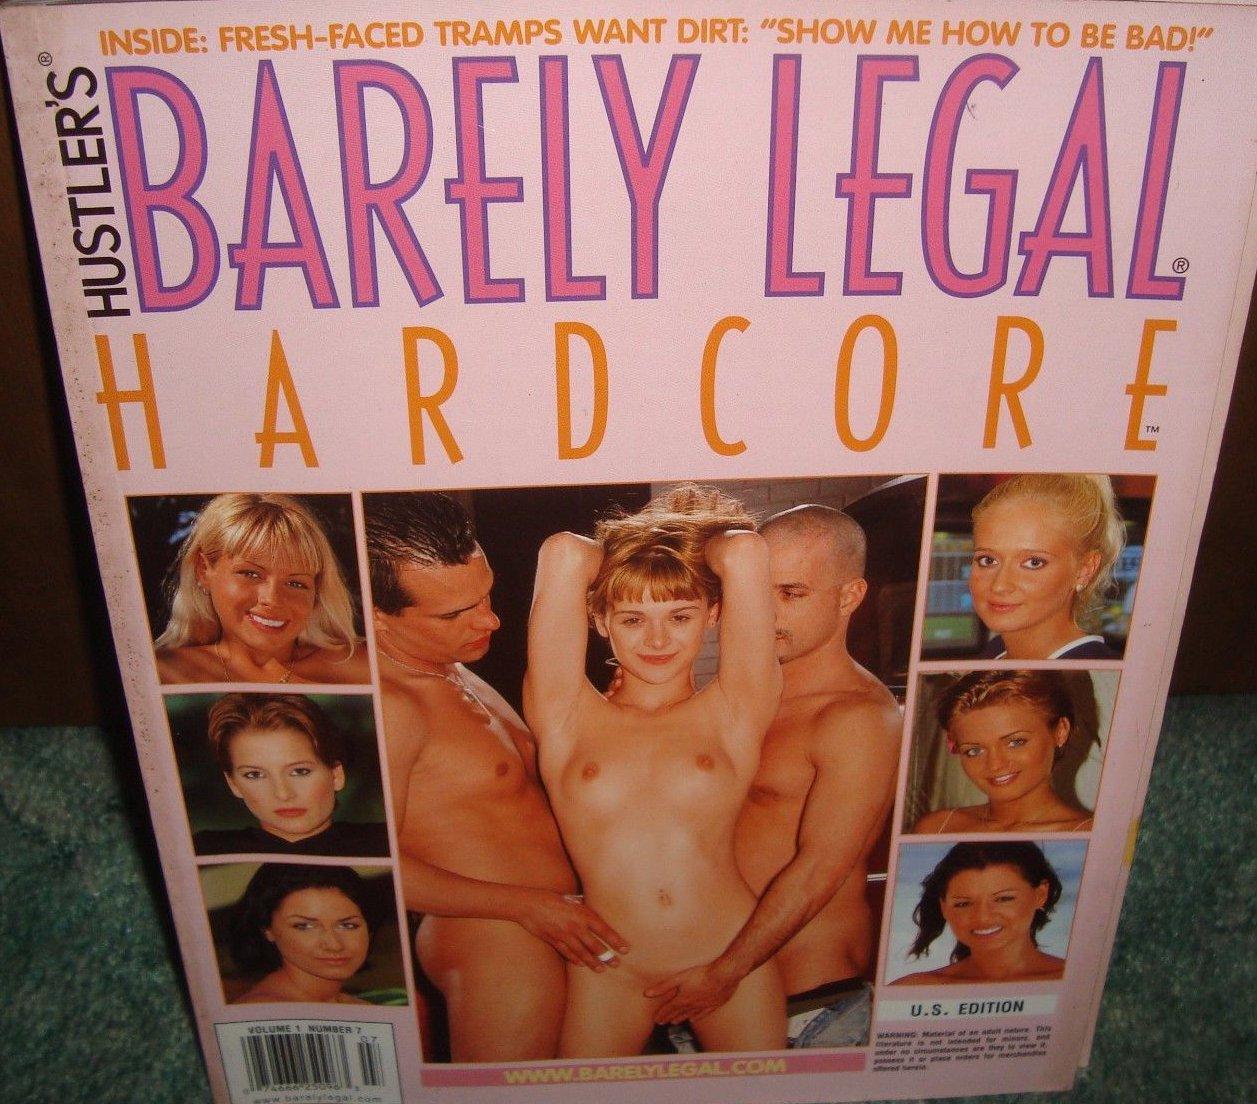 Barely Legal Hardcore Volume 1 # 7 magazine back issue Barely Legal Hardcore magizine back copy